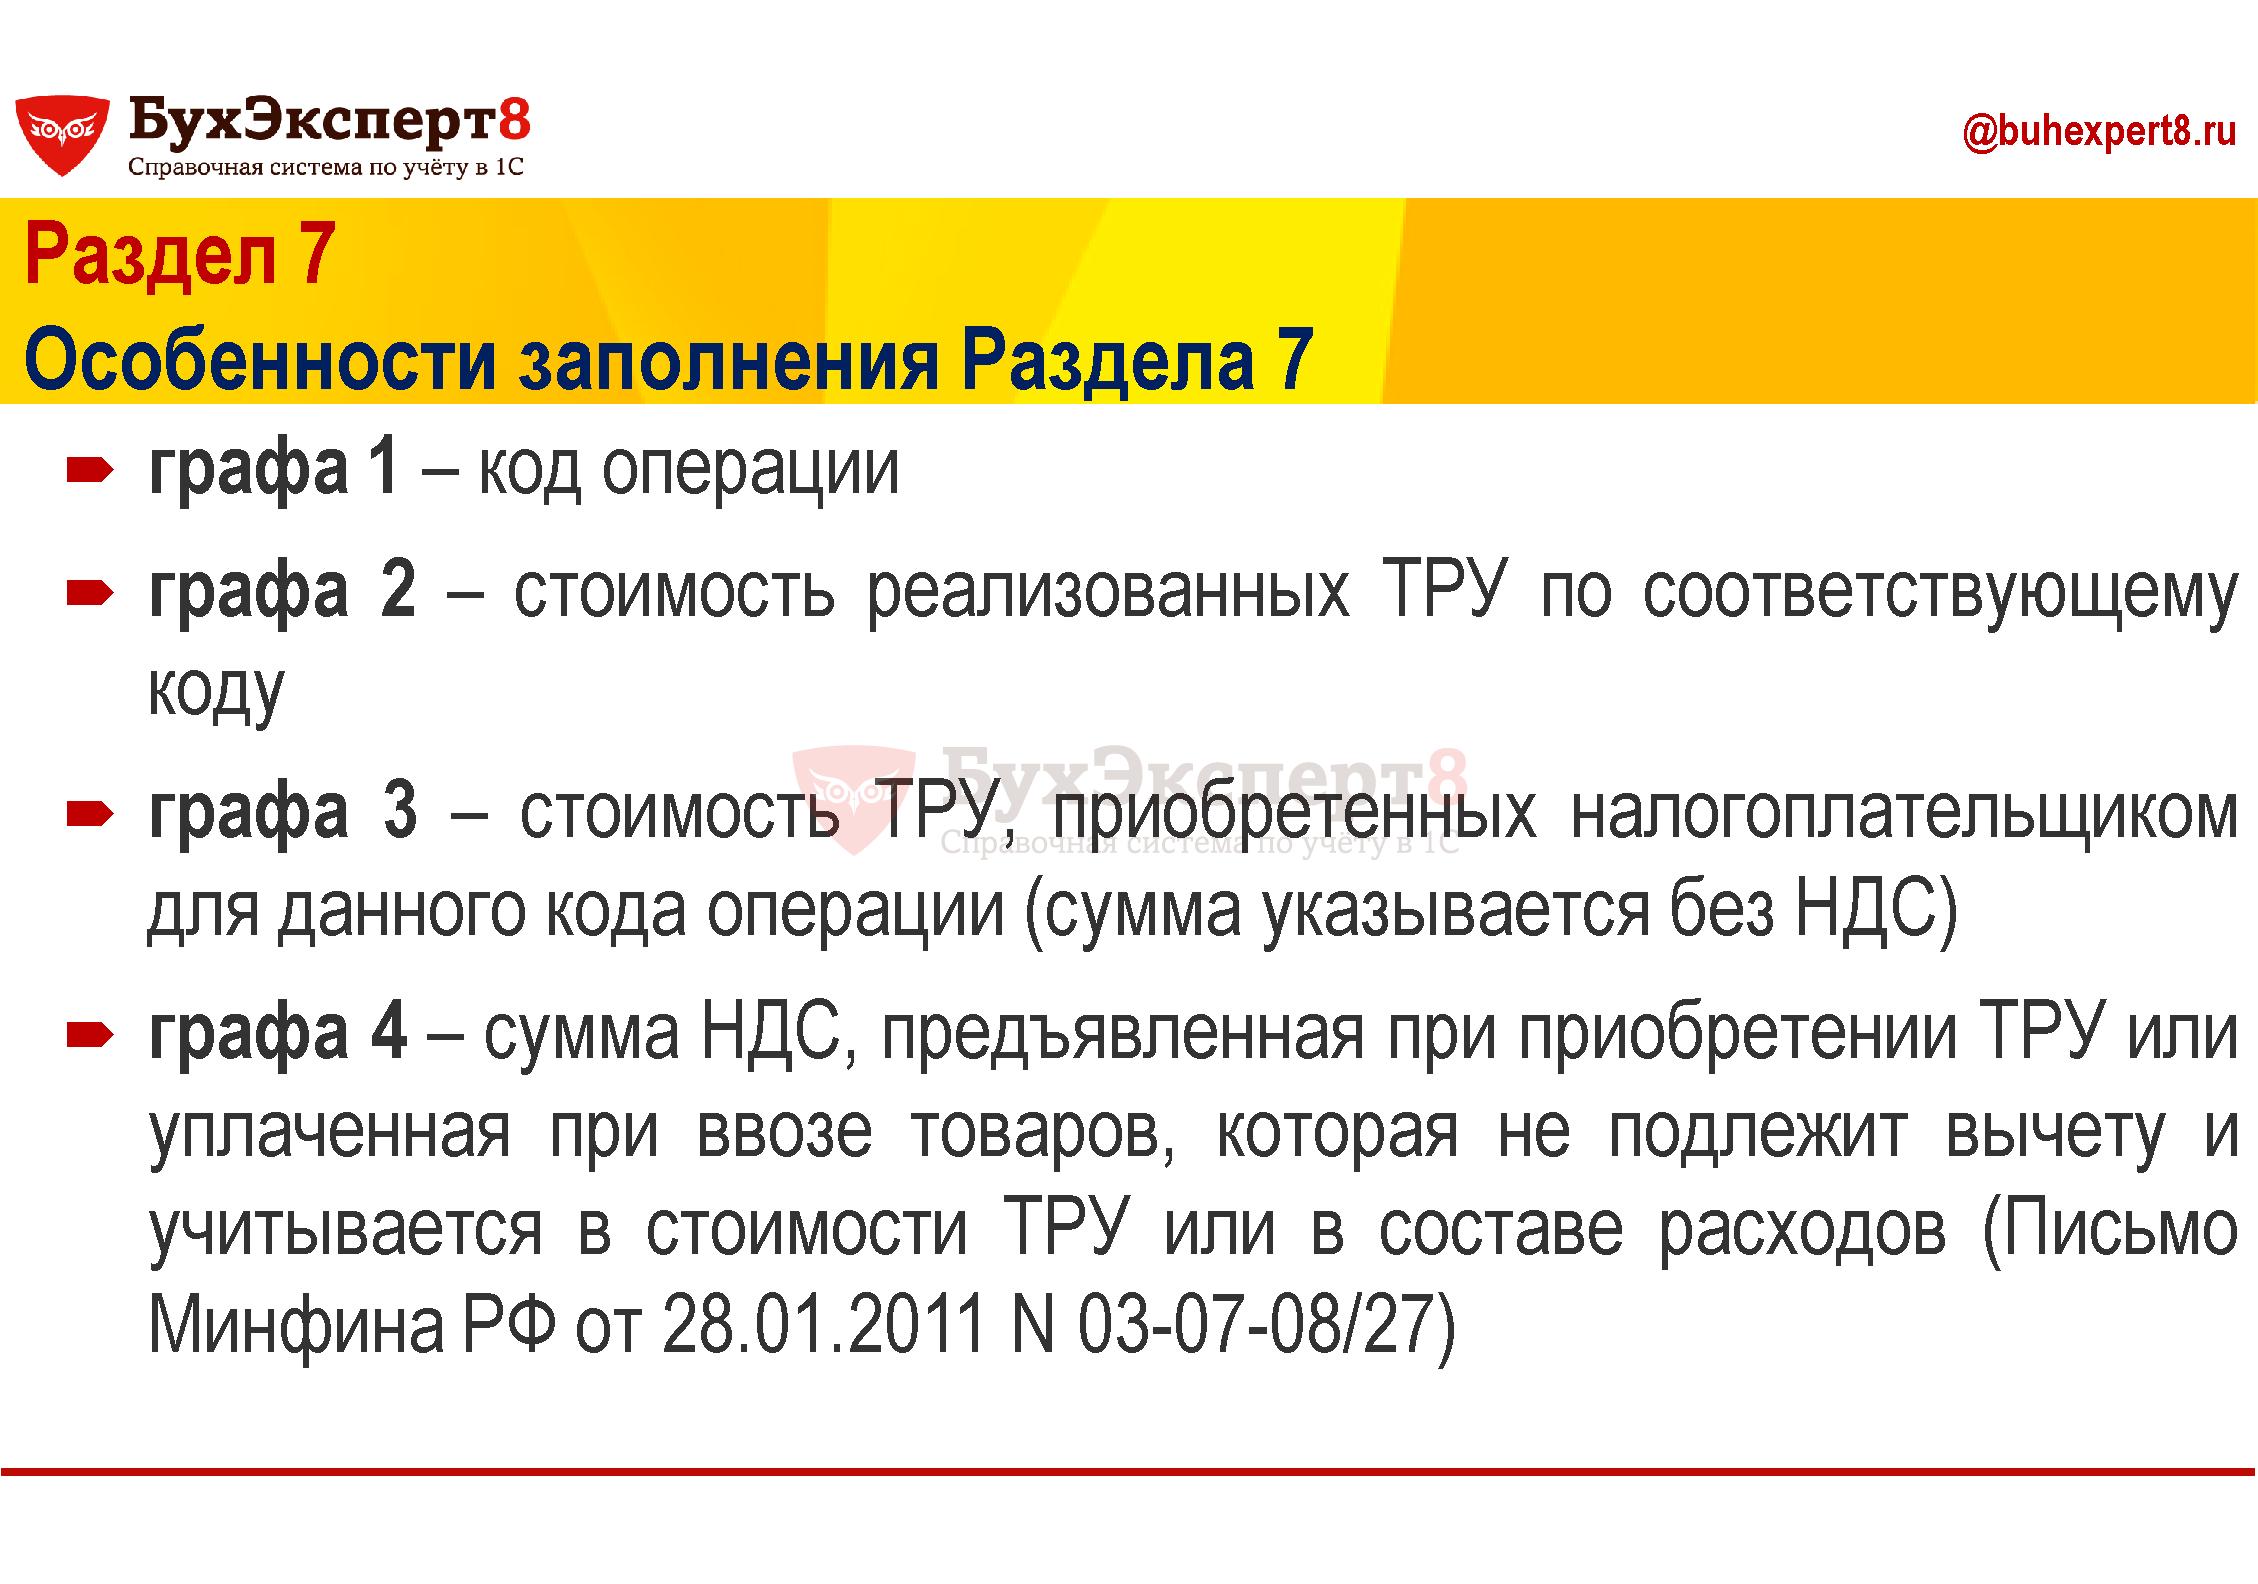 Раздел 7 Особенности заполнения Раздела 7 графа 1 – код операции графа 2 – стоимость реализованных ТРУ по соответствующему коду графа 3 – стоимость ТРУ, приобретенных налогоплательщиком для данного кода операции (сумма указывается без НДС) графа 4 – сумма НДС, предъявленная при приобретении ТРУ или уплаченная при ввозе товаров, которая не подлежит вычету и учитывается в стоимости ТРУ или в составе расходов (Письмо Минфина РФ от 28.01.2011 N 03-07-08/27)